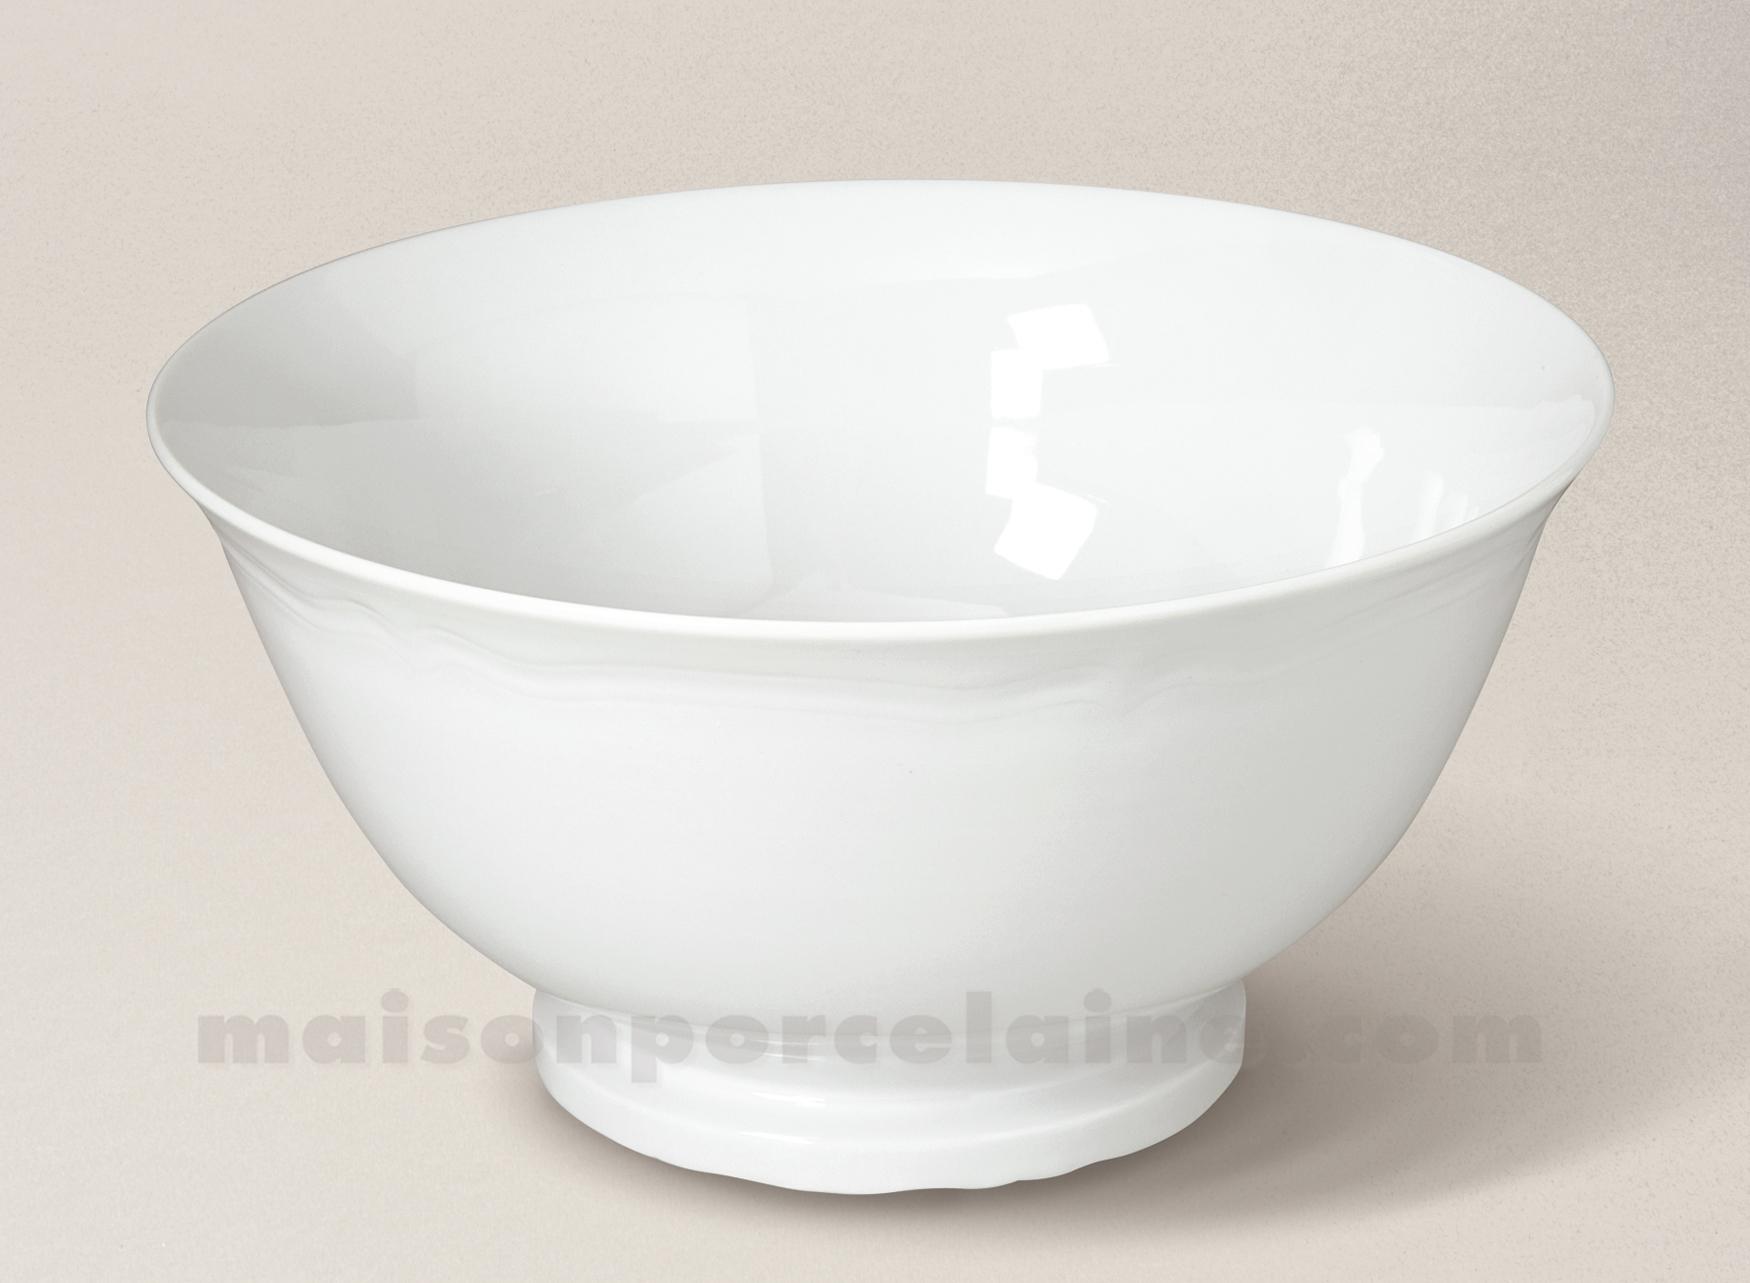 saladier porcelaine blanche clara 23x22 5 maison de la porcelaine. Black Bedroom Furniture Sets. Home Design Ideas